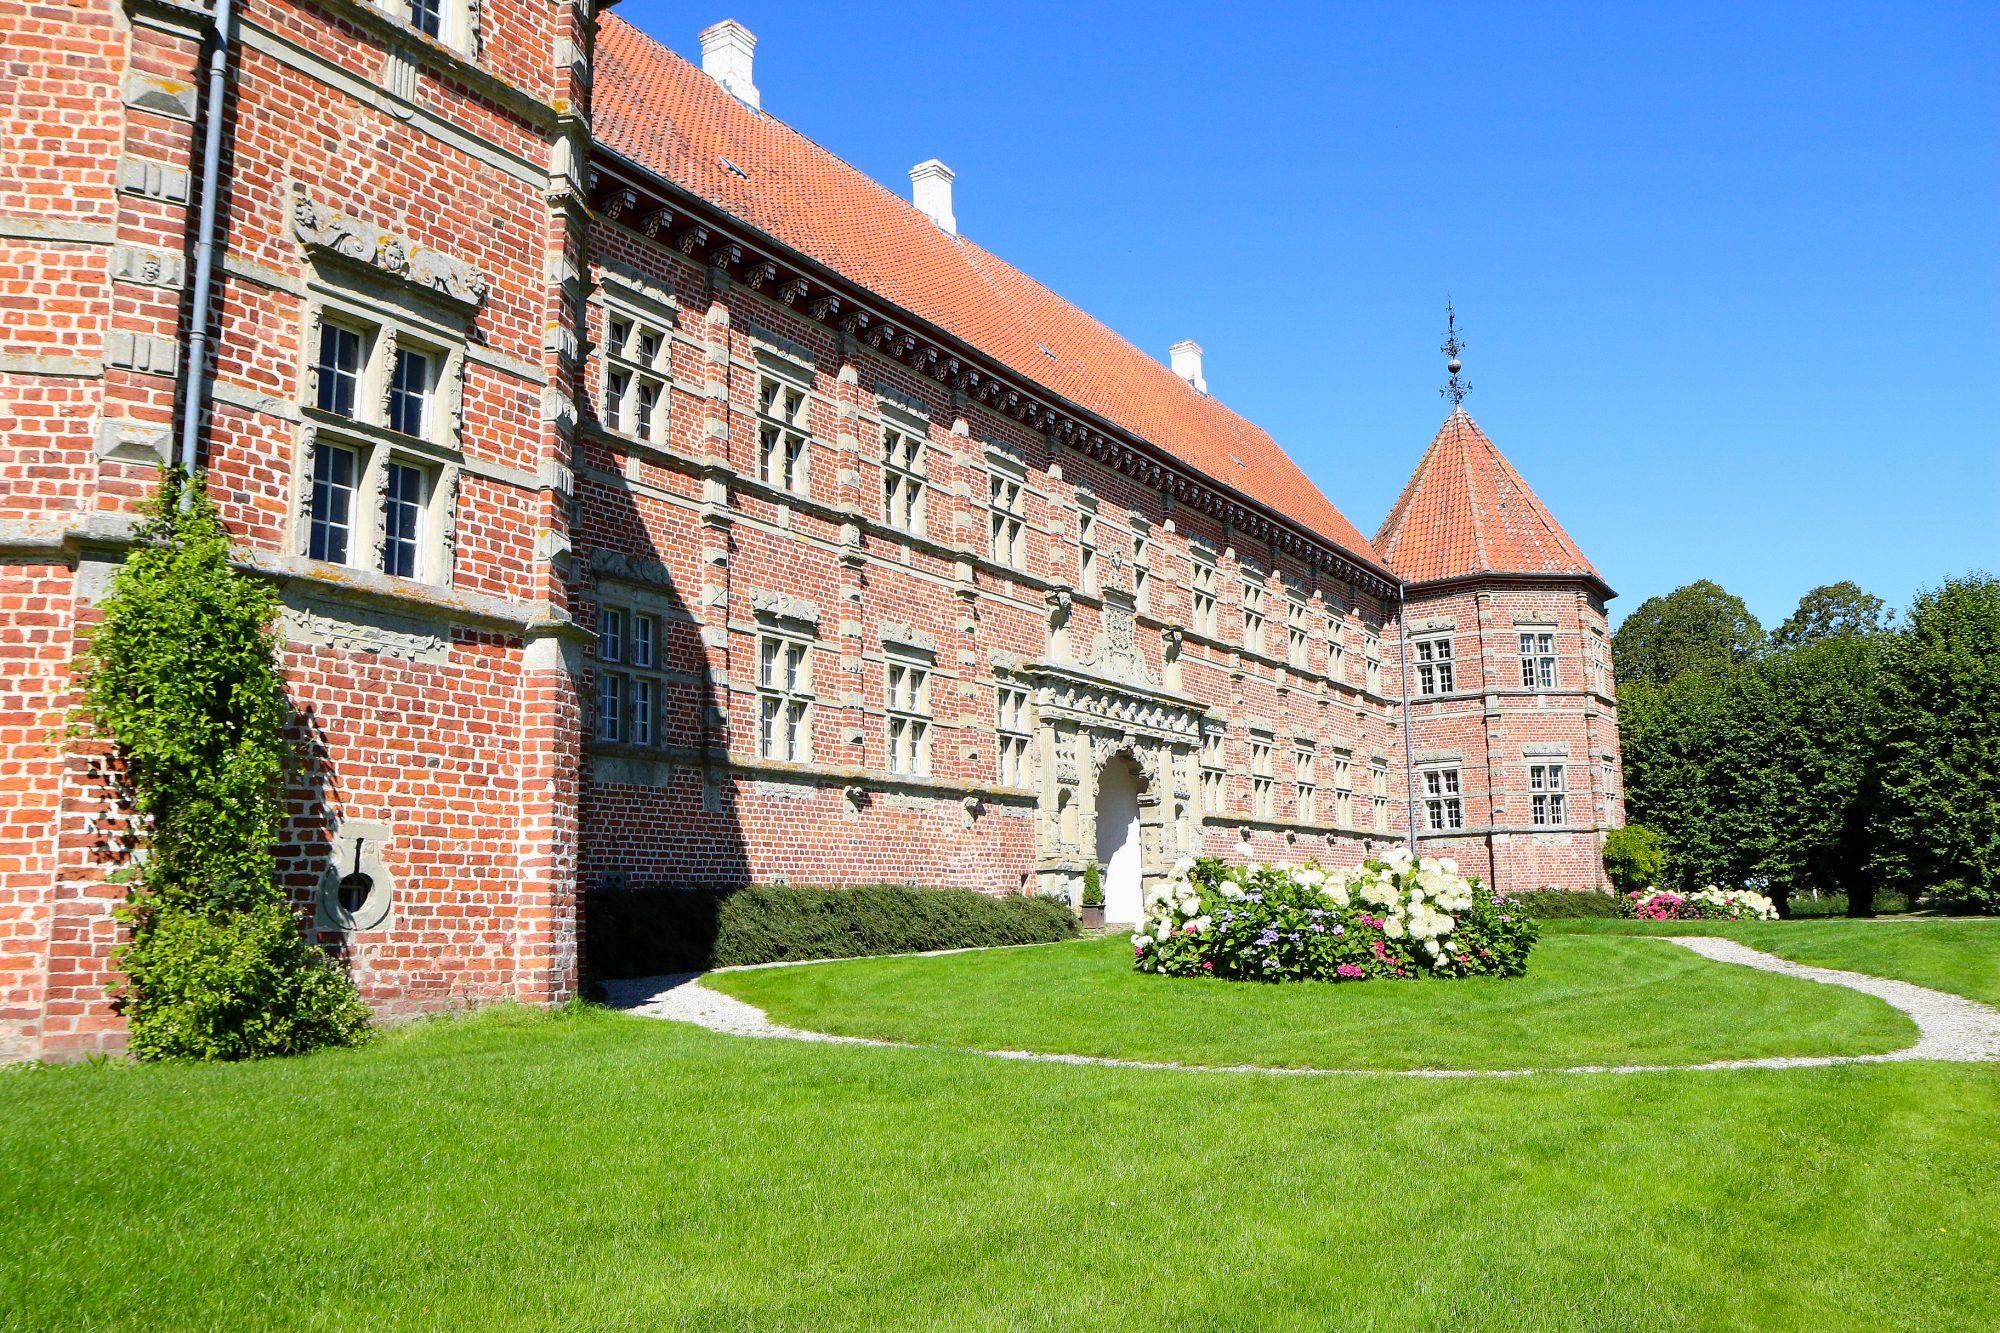 Danmarks største private kunstsamling. Den finner du på fabelaktige Voegaard Slot like nord for Aalborg. Foto: Fjord Line